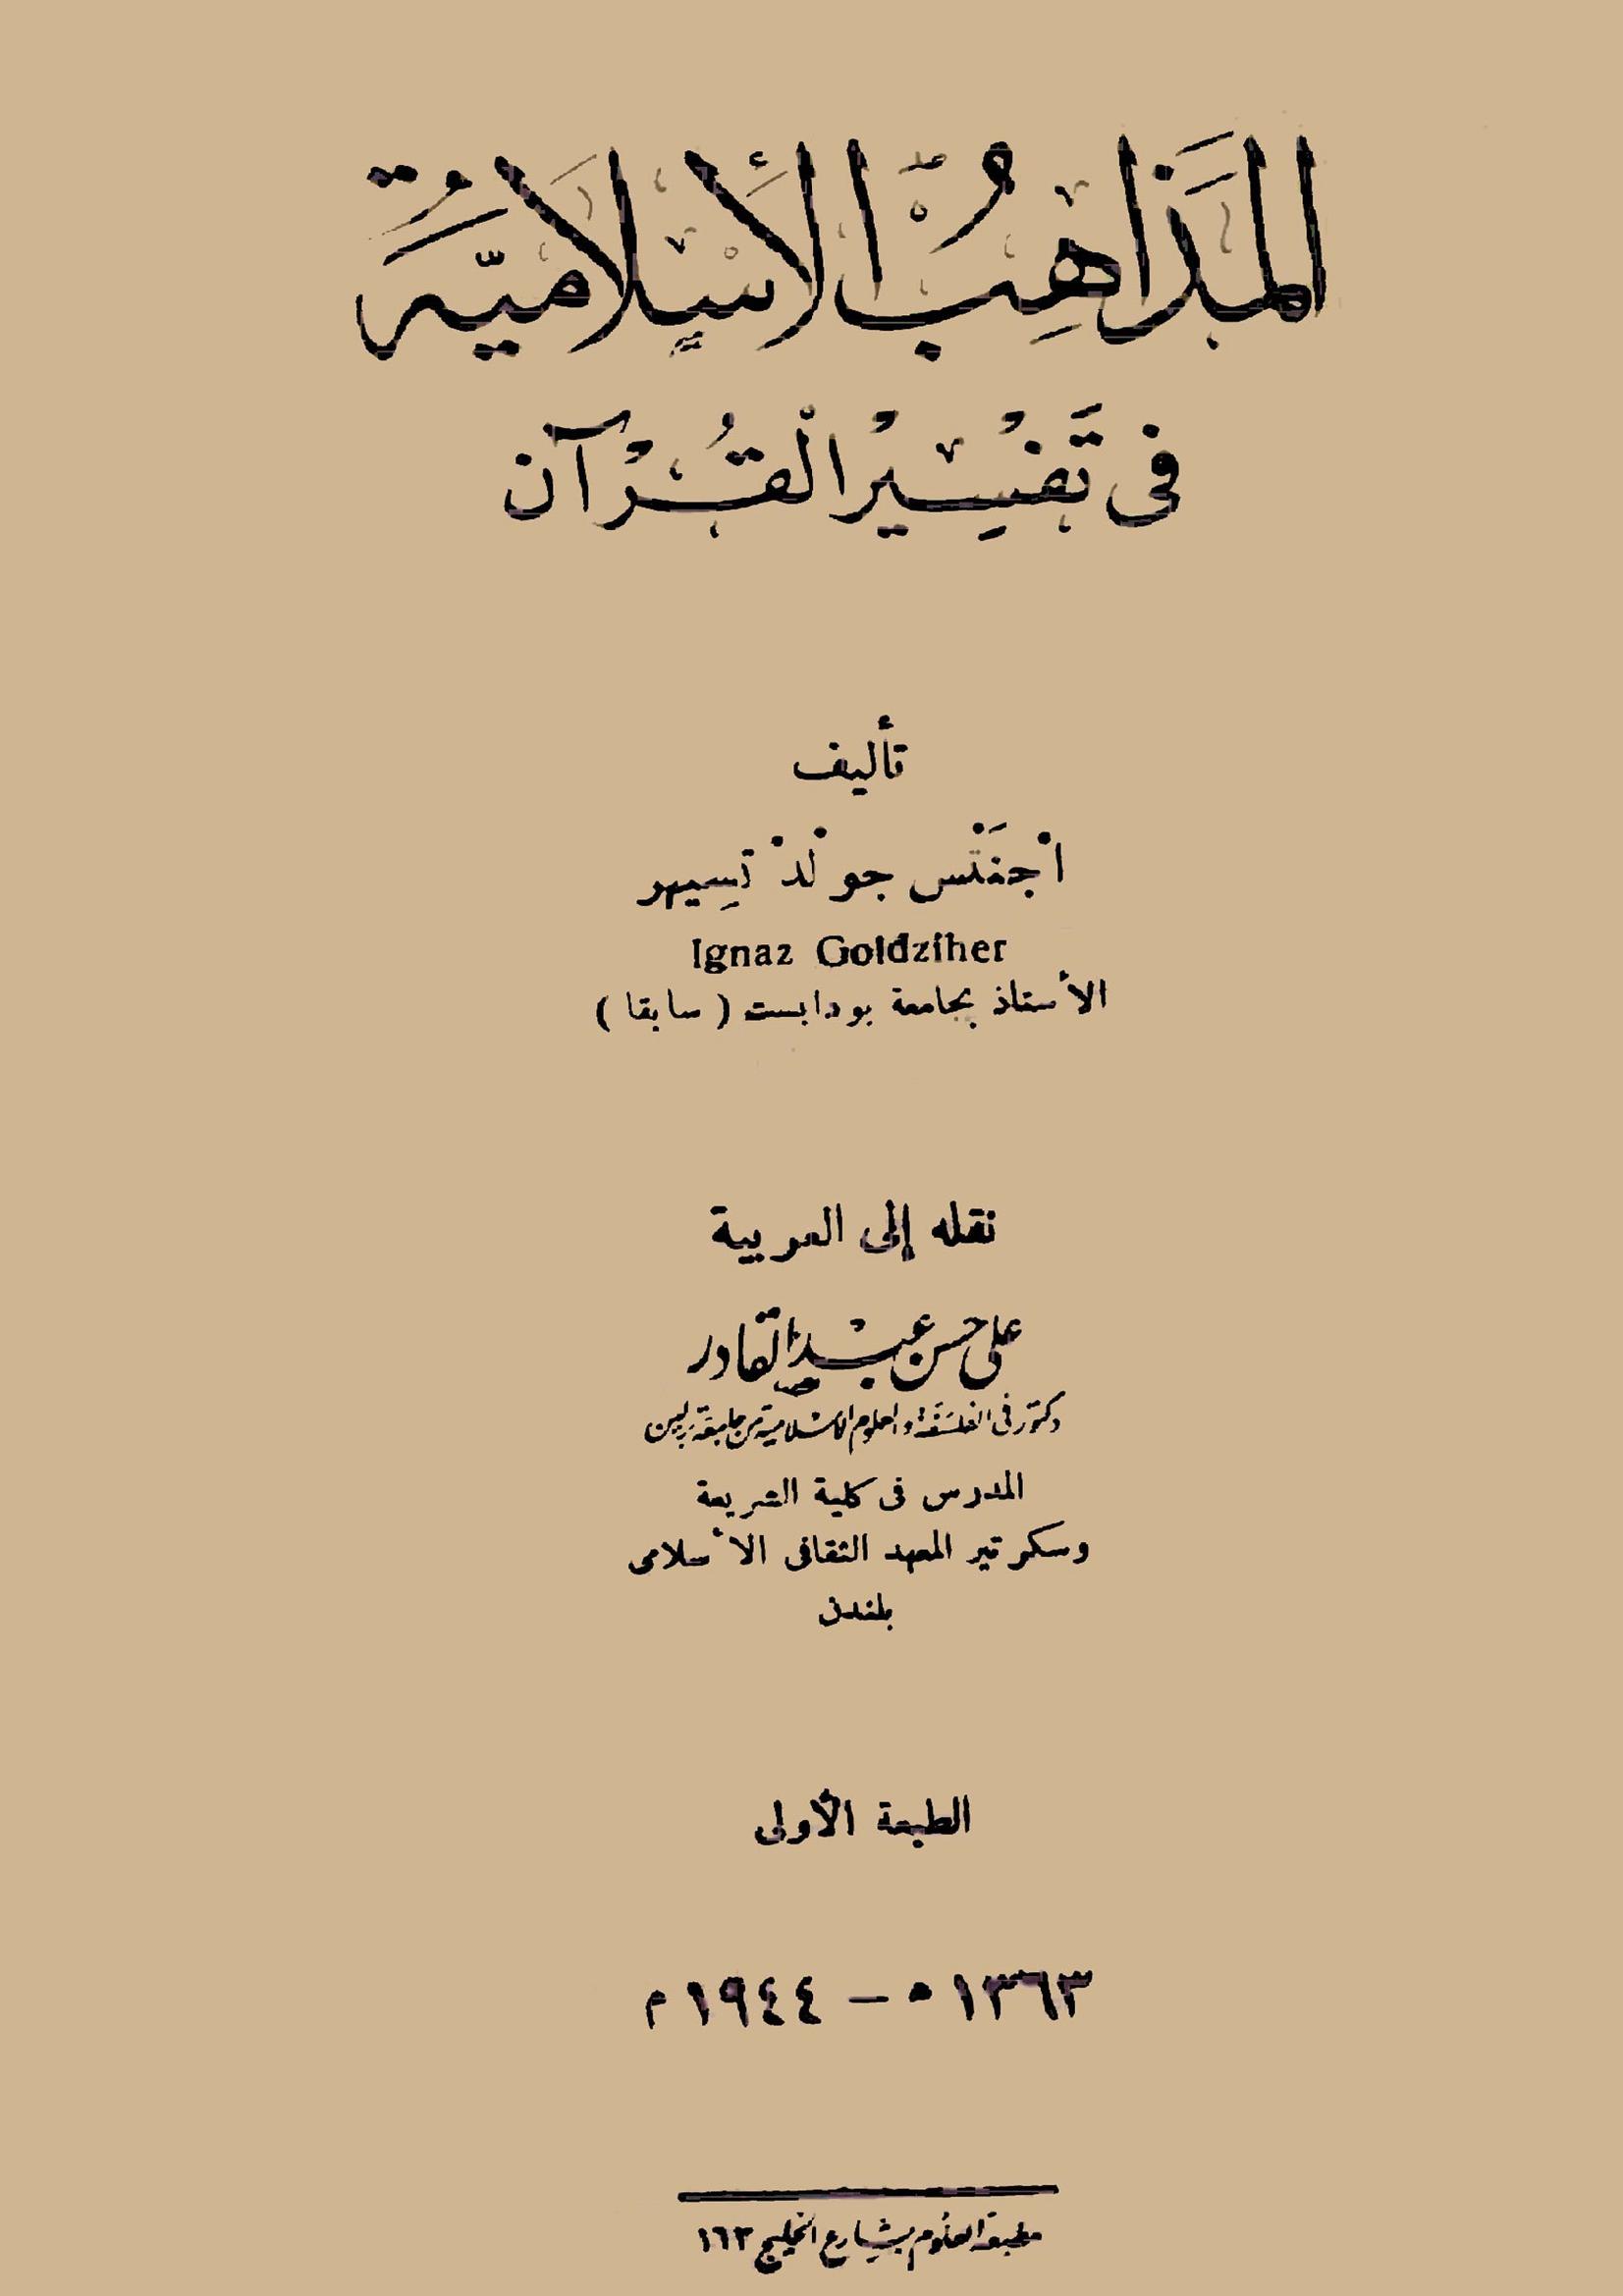 تحميل كتاب المذاهب الإسلامية في تفسير القرآن لـِ: المستشرق إجناتس جولدتسيهر (ت 1340)